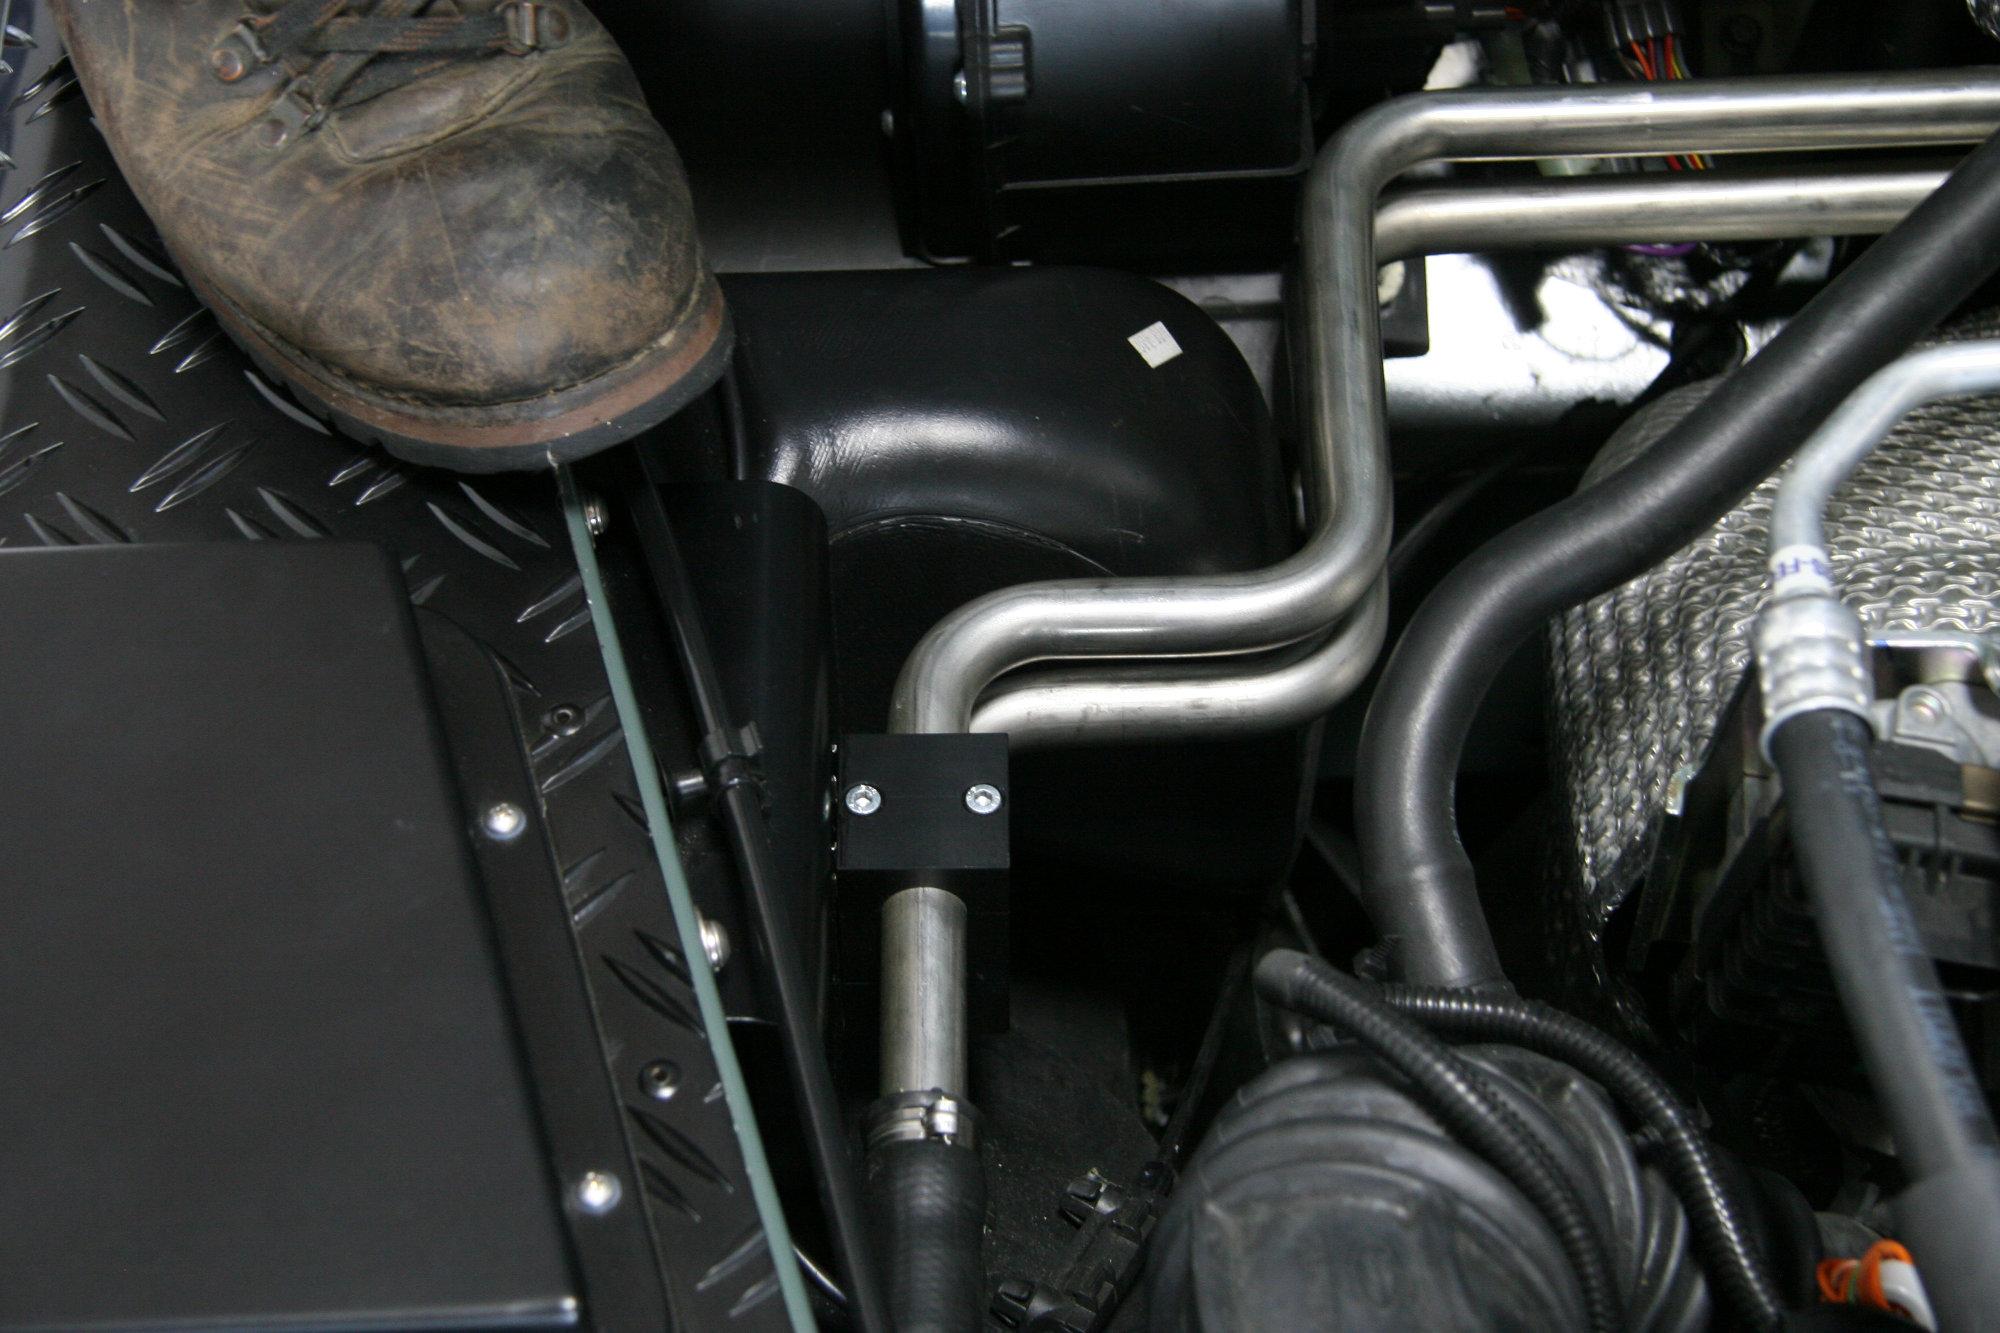 Kotfluegelstuetzbleche Land Rover Defender.001